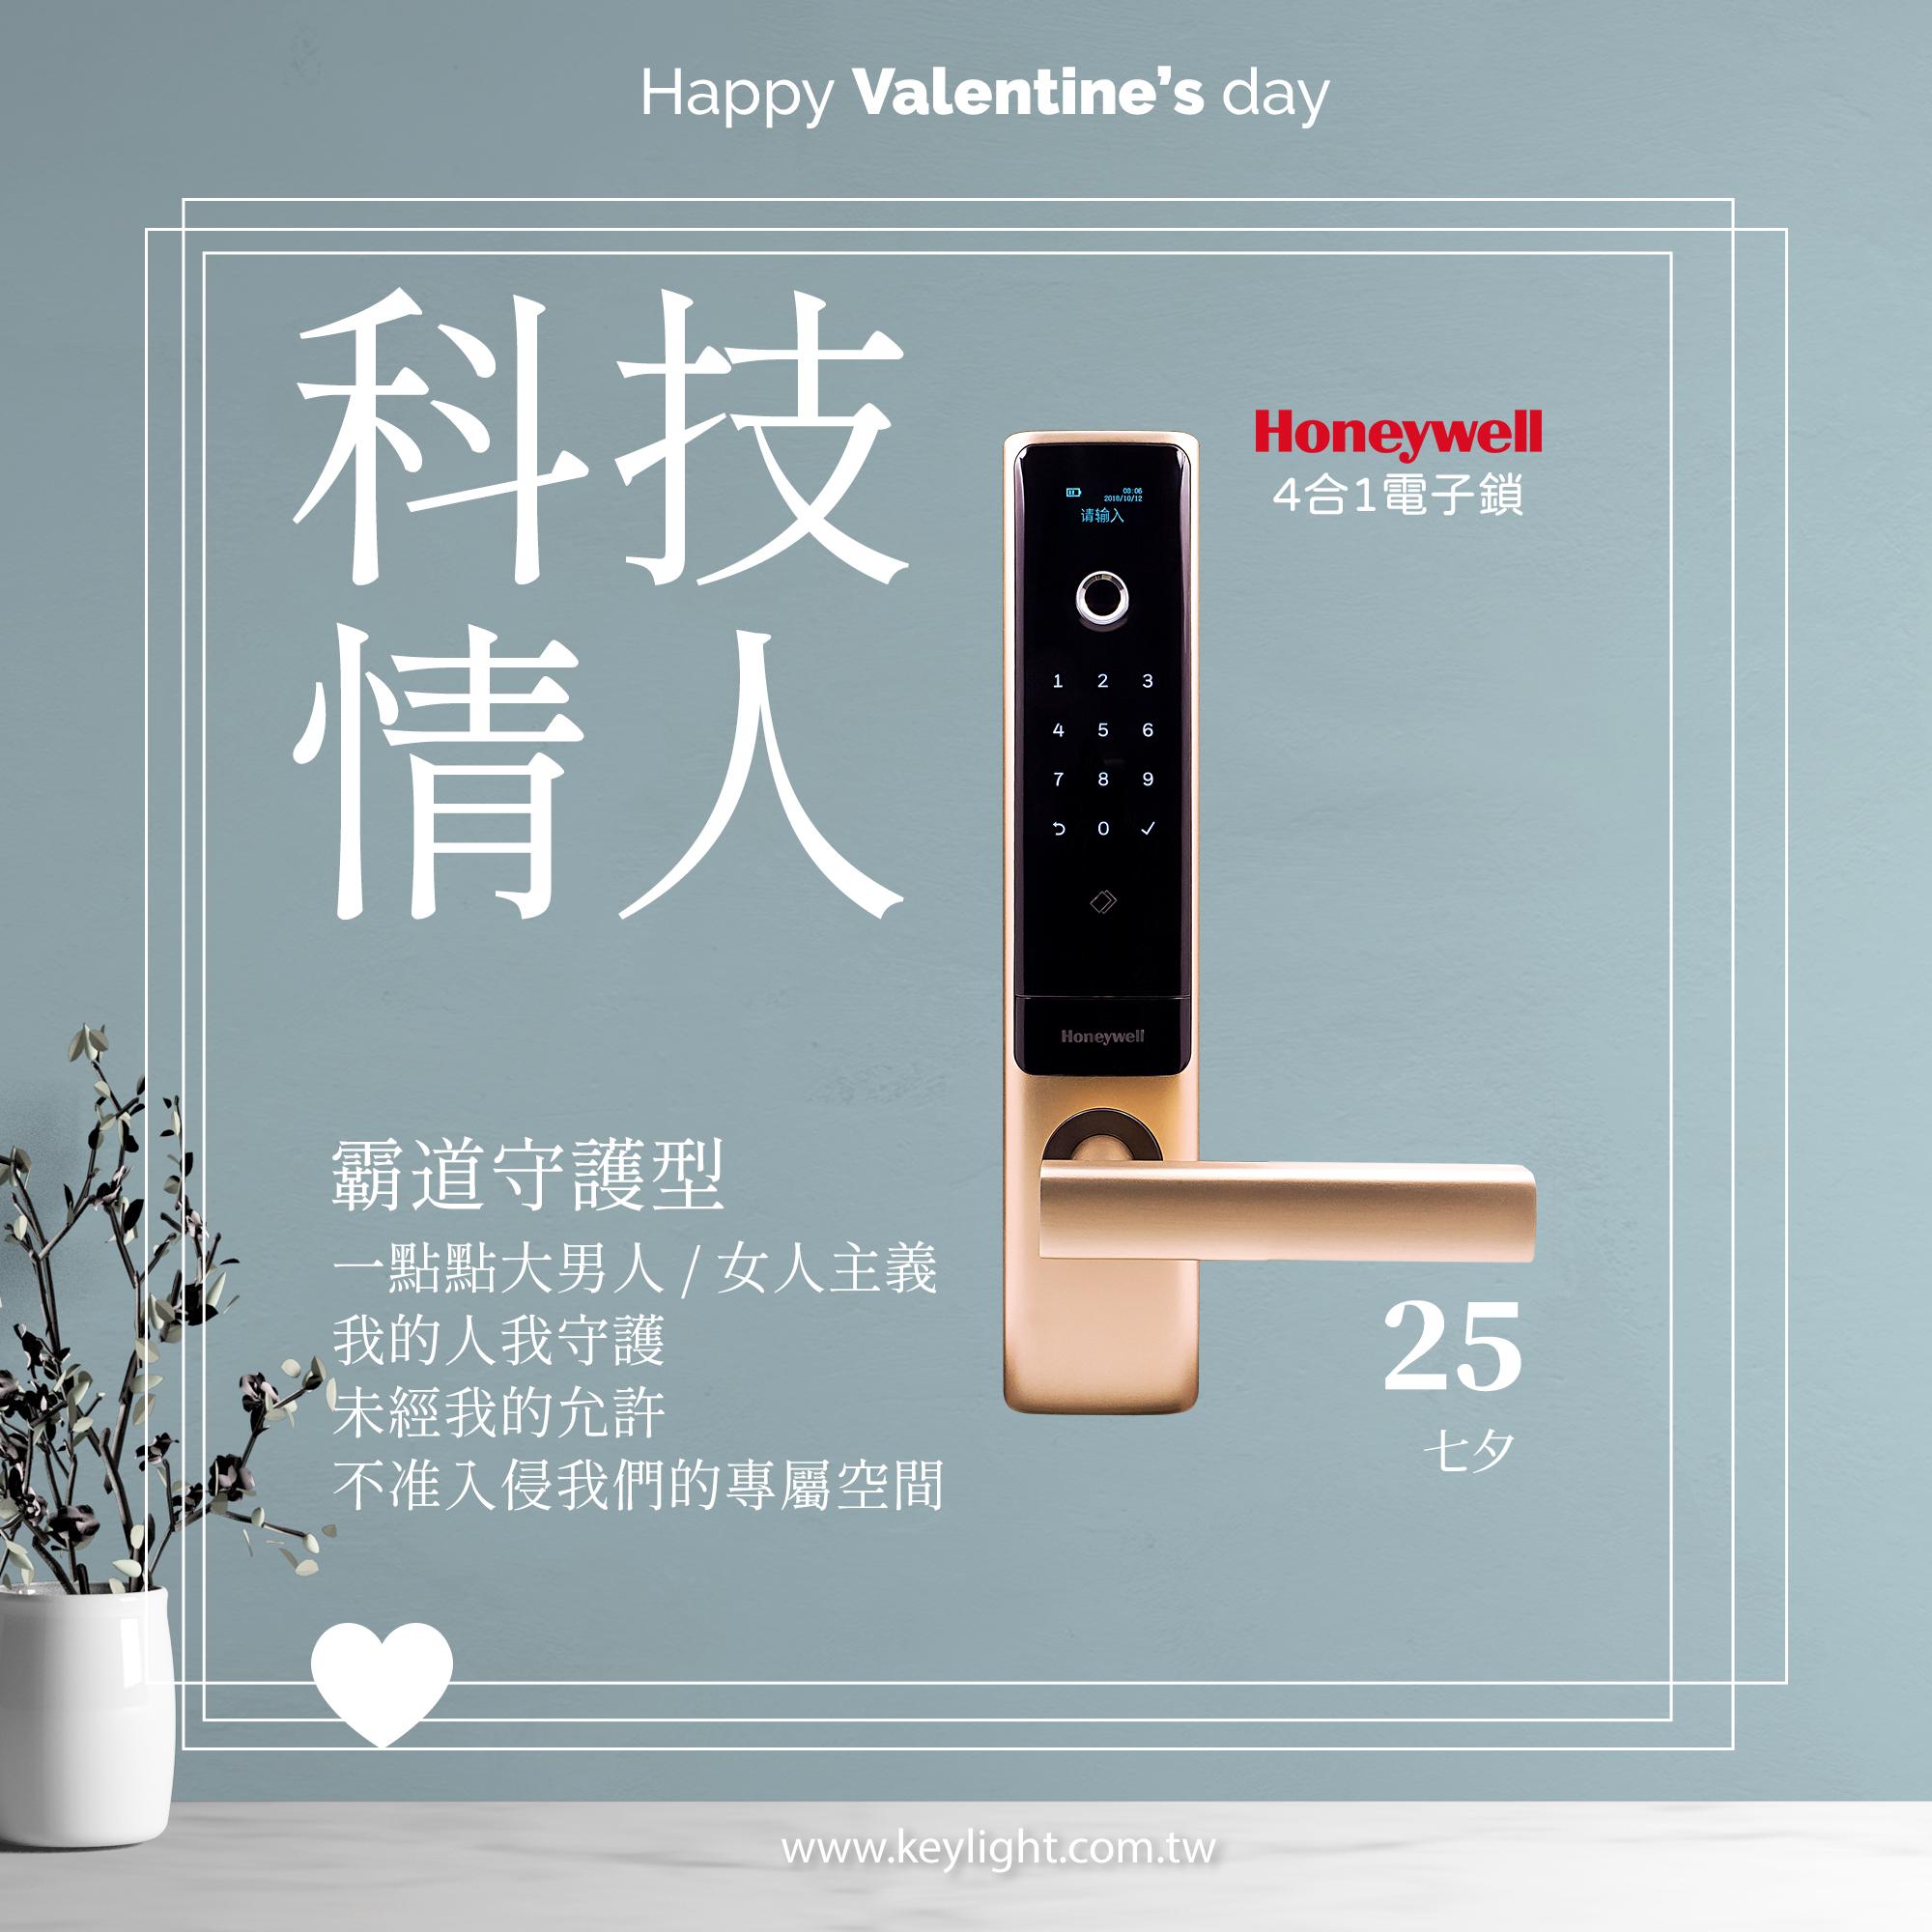 奇萊科技情人節-Honeywell4合1電子鎖.jpg